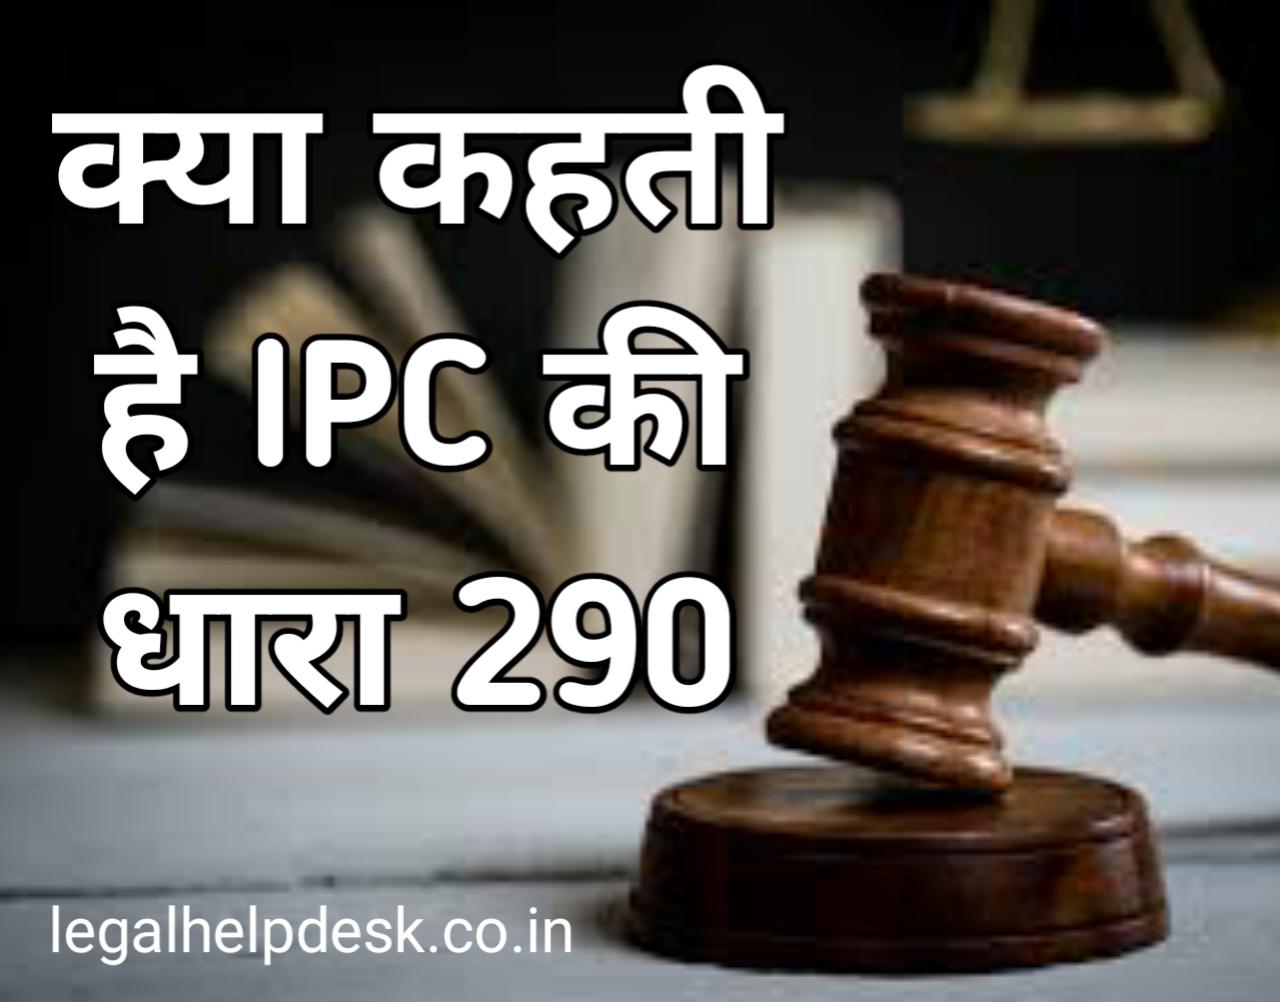 IPC Section 290 in Hindi - Dhara 290 Kya Hai | आई.पी.सी.की धारा 290 में क्या अपराध होता है